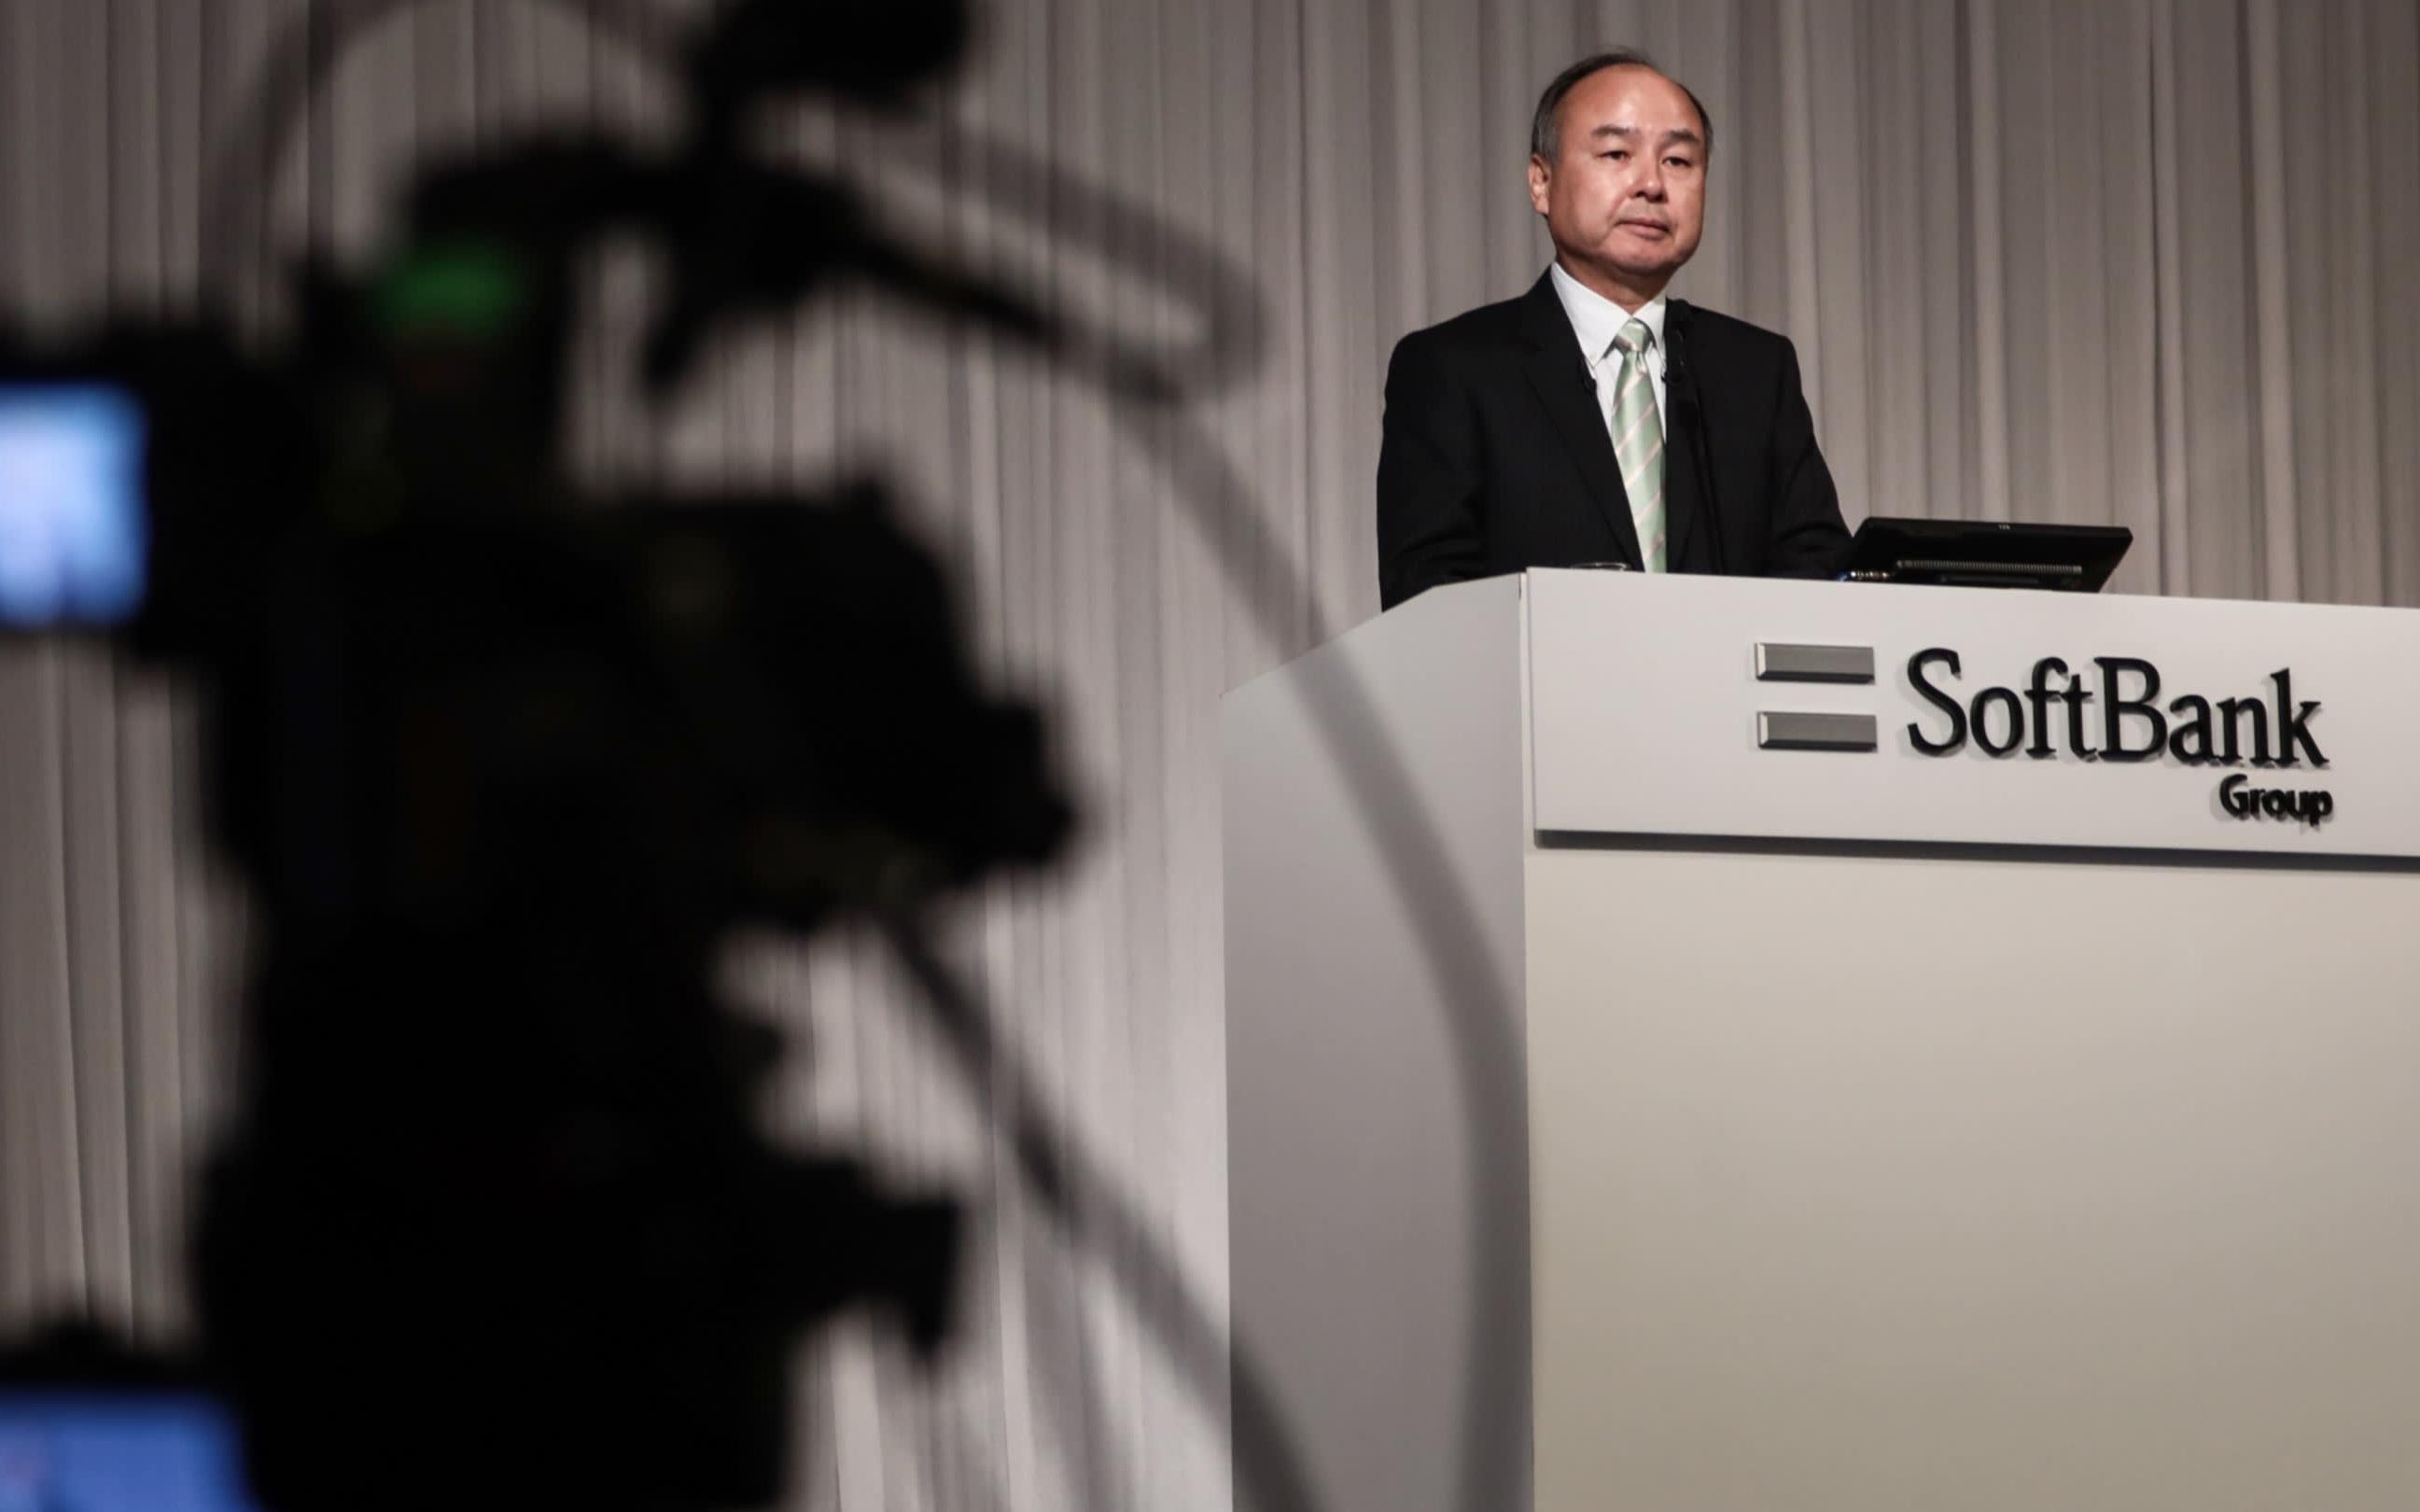 Rất nhanh chóng lấy lại phong độ: Softbank của tỷ phú Masayoshi Son vừa chính thức báo lãi 11,8 tỷ USD/quý